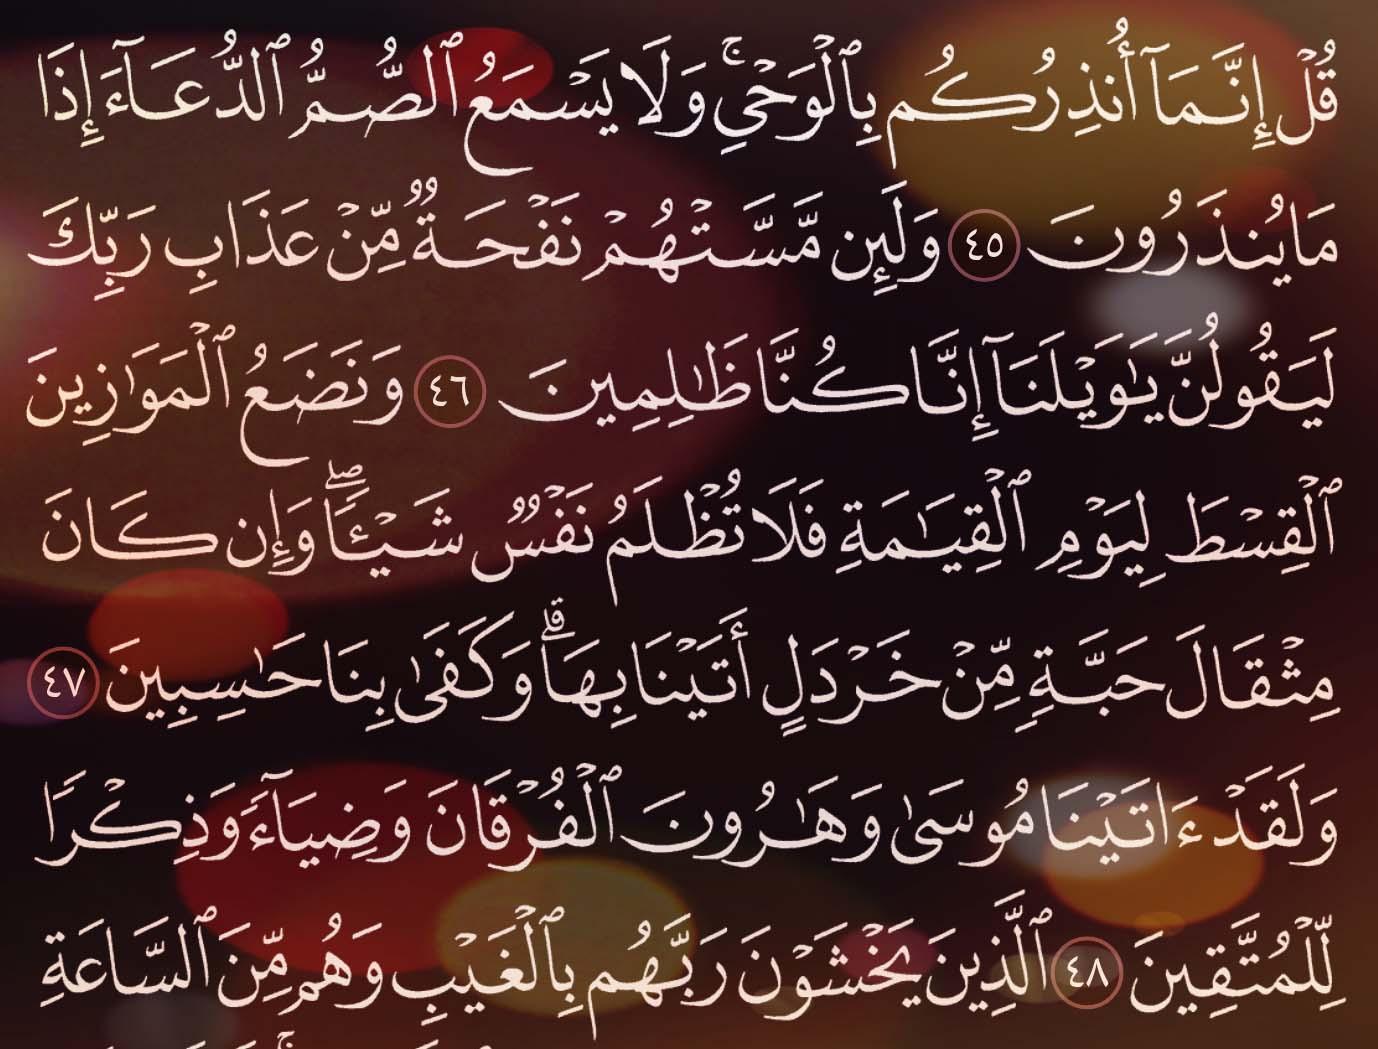 شرح وتفسير, سورة الأنبياء, surah al-anbiya, ( من الآية 45 إلى الاية 57 ), surat al anbiya,surah al anbiya,surat alanbiya,surat al anbiya ayat 19,surat al anbiya ayat 89,surat al anbiya ayat 107,surah al anbiya ayat 83,surat al anbiya ayat 83,surah al anbiya ayat 89,surah al anbiya ayat 30,surat al anbiya ayat 30,surat al anbiya ayat 21,surat al anbiya ayat 35,surat al anbiya ayat 87,surah al anbiya ayat 87,surah al anbiya ayat 69,surah al anbiya ayat 35